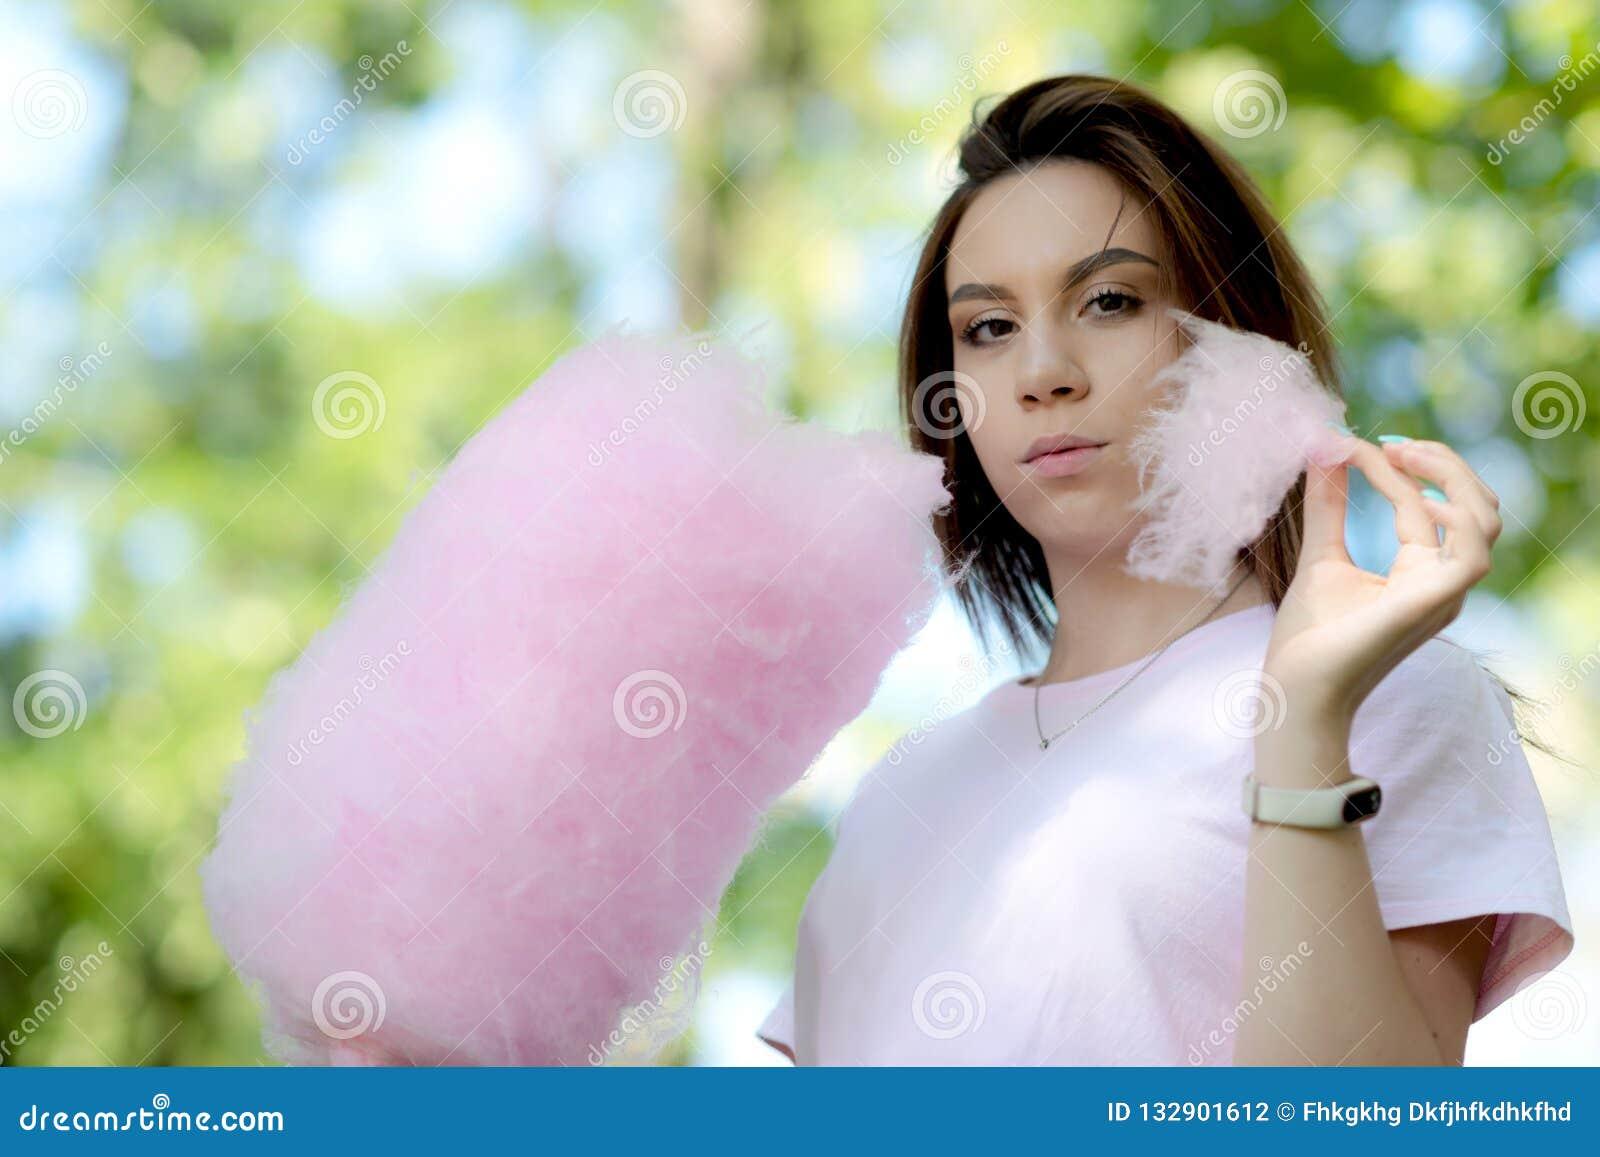 Candy jedząc dziewczyny young bawełny